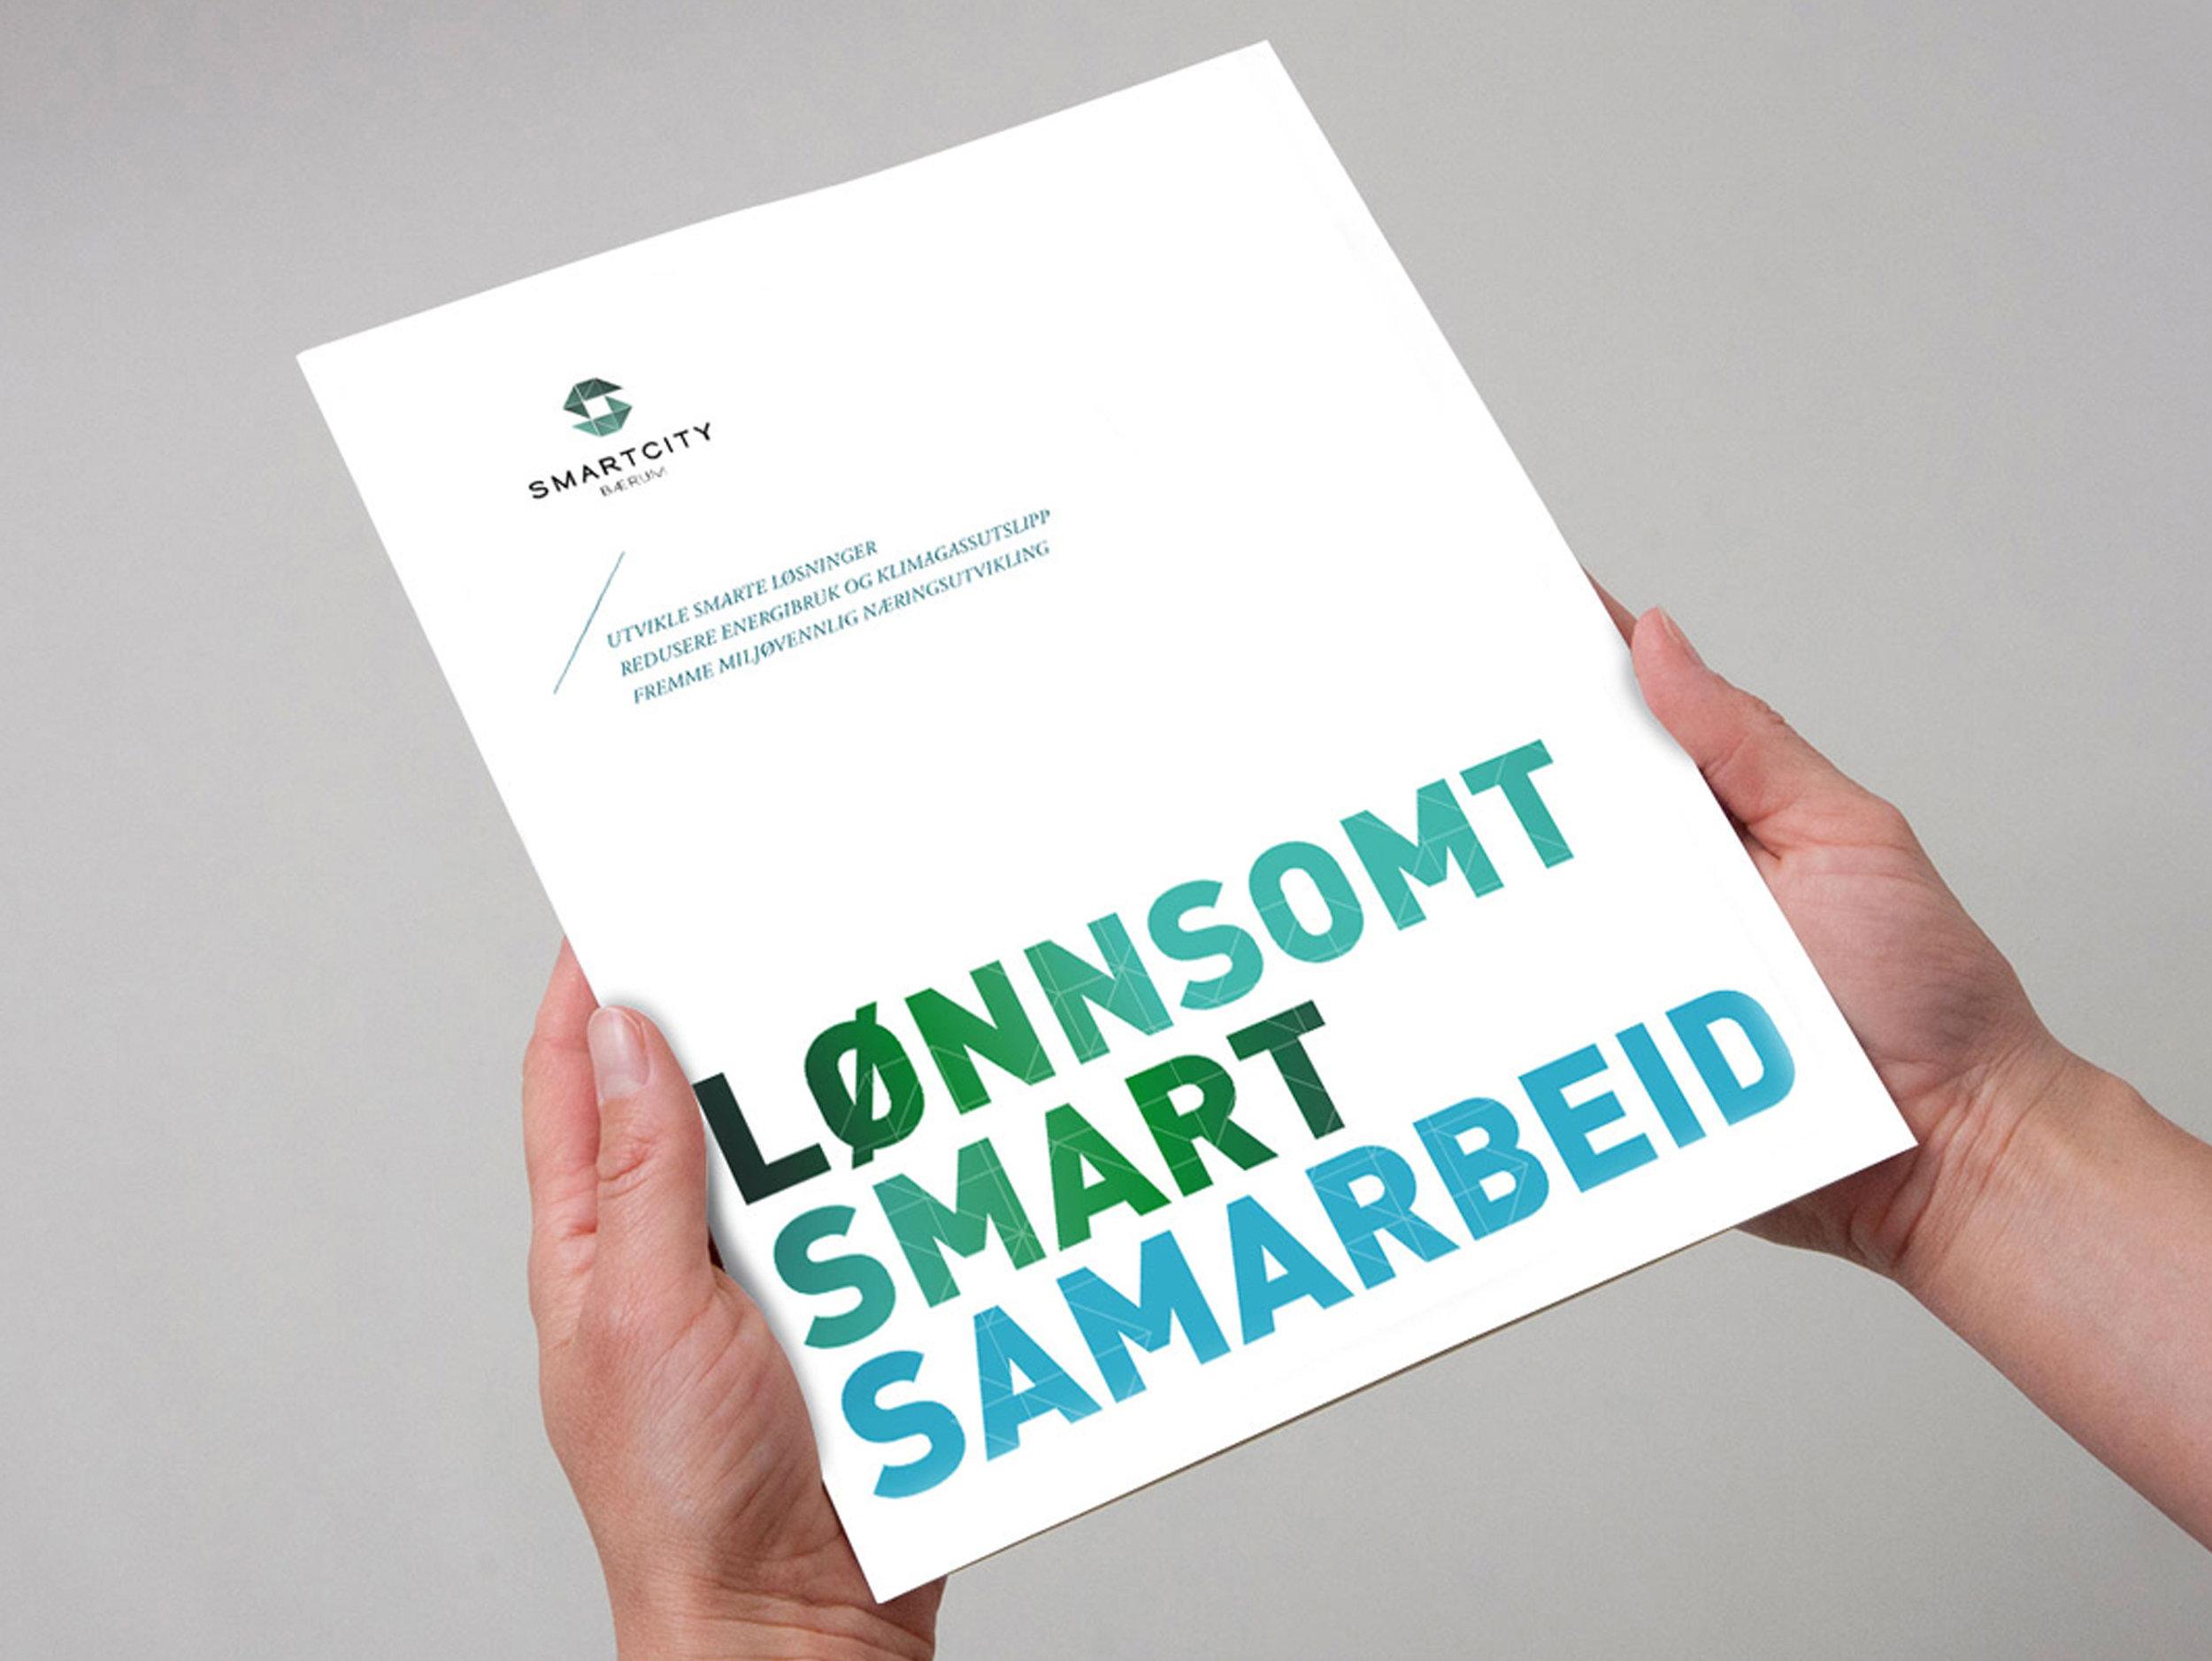 Smartcity_omslag.jpg